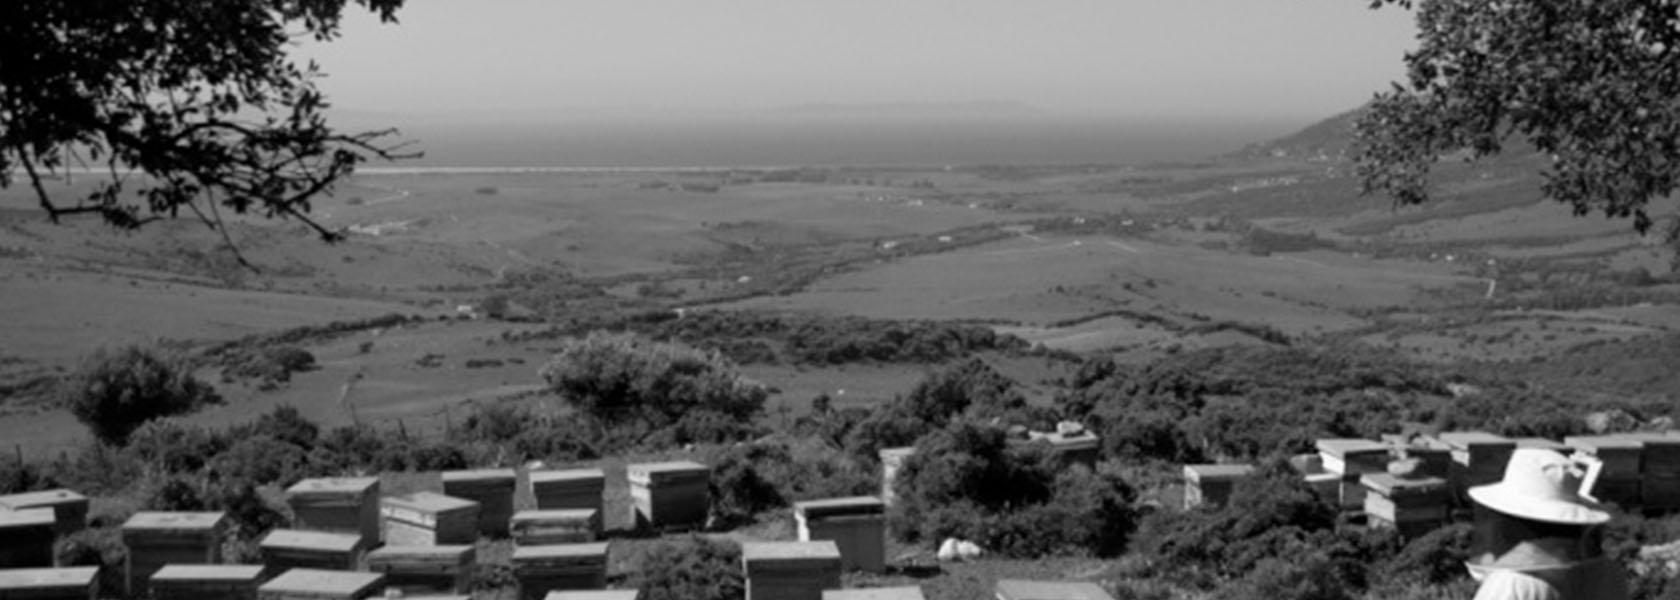 primeros asentamientos de Bee Tarifa